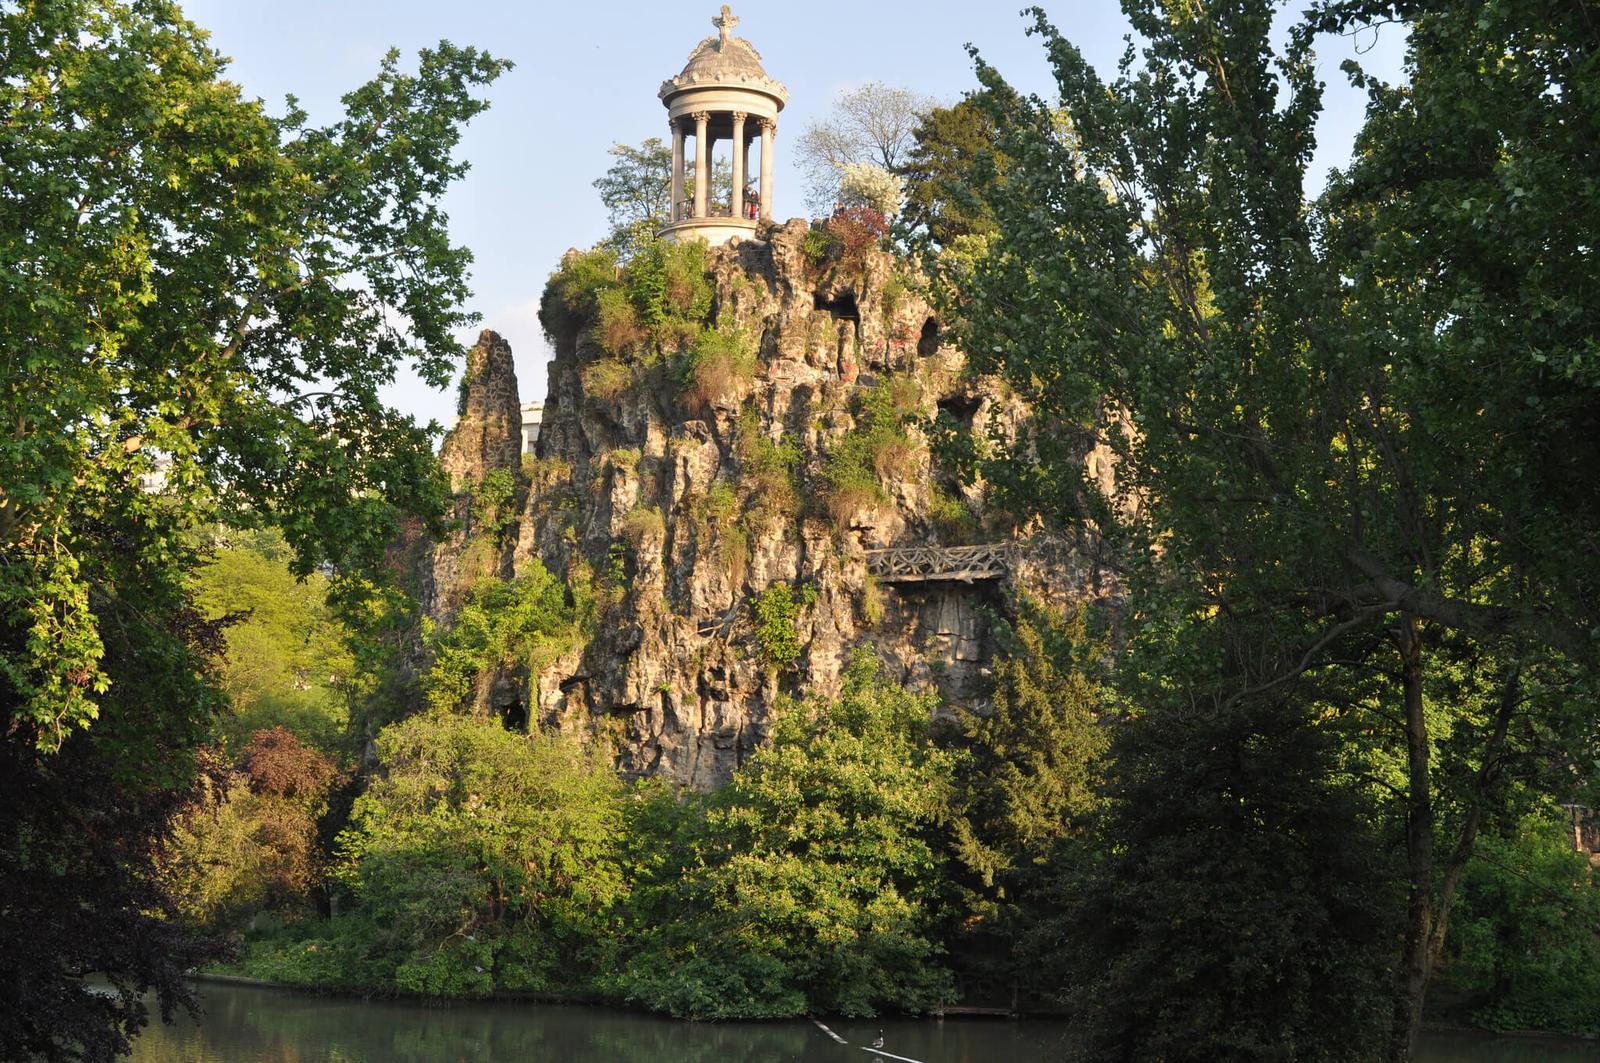 templo de Sibila buttes chaumont